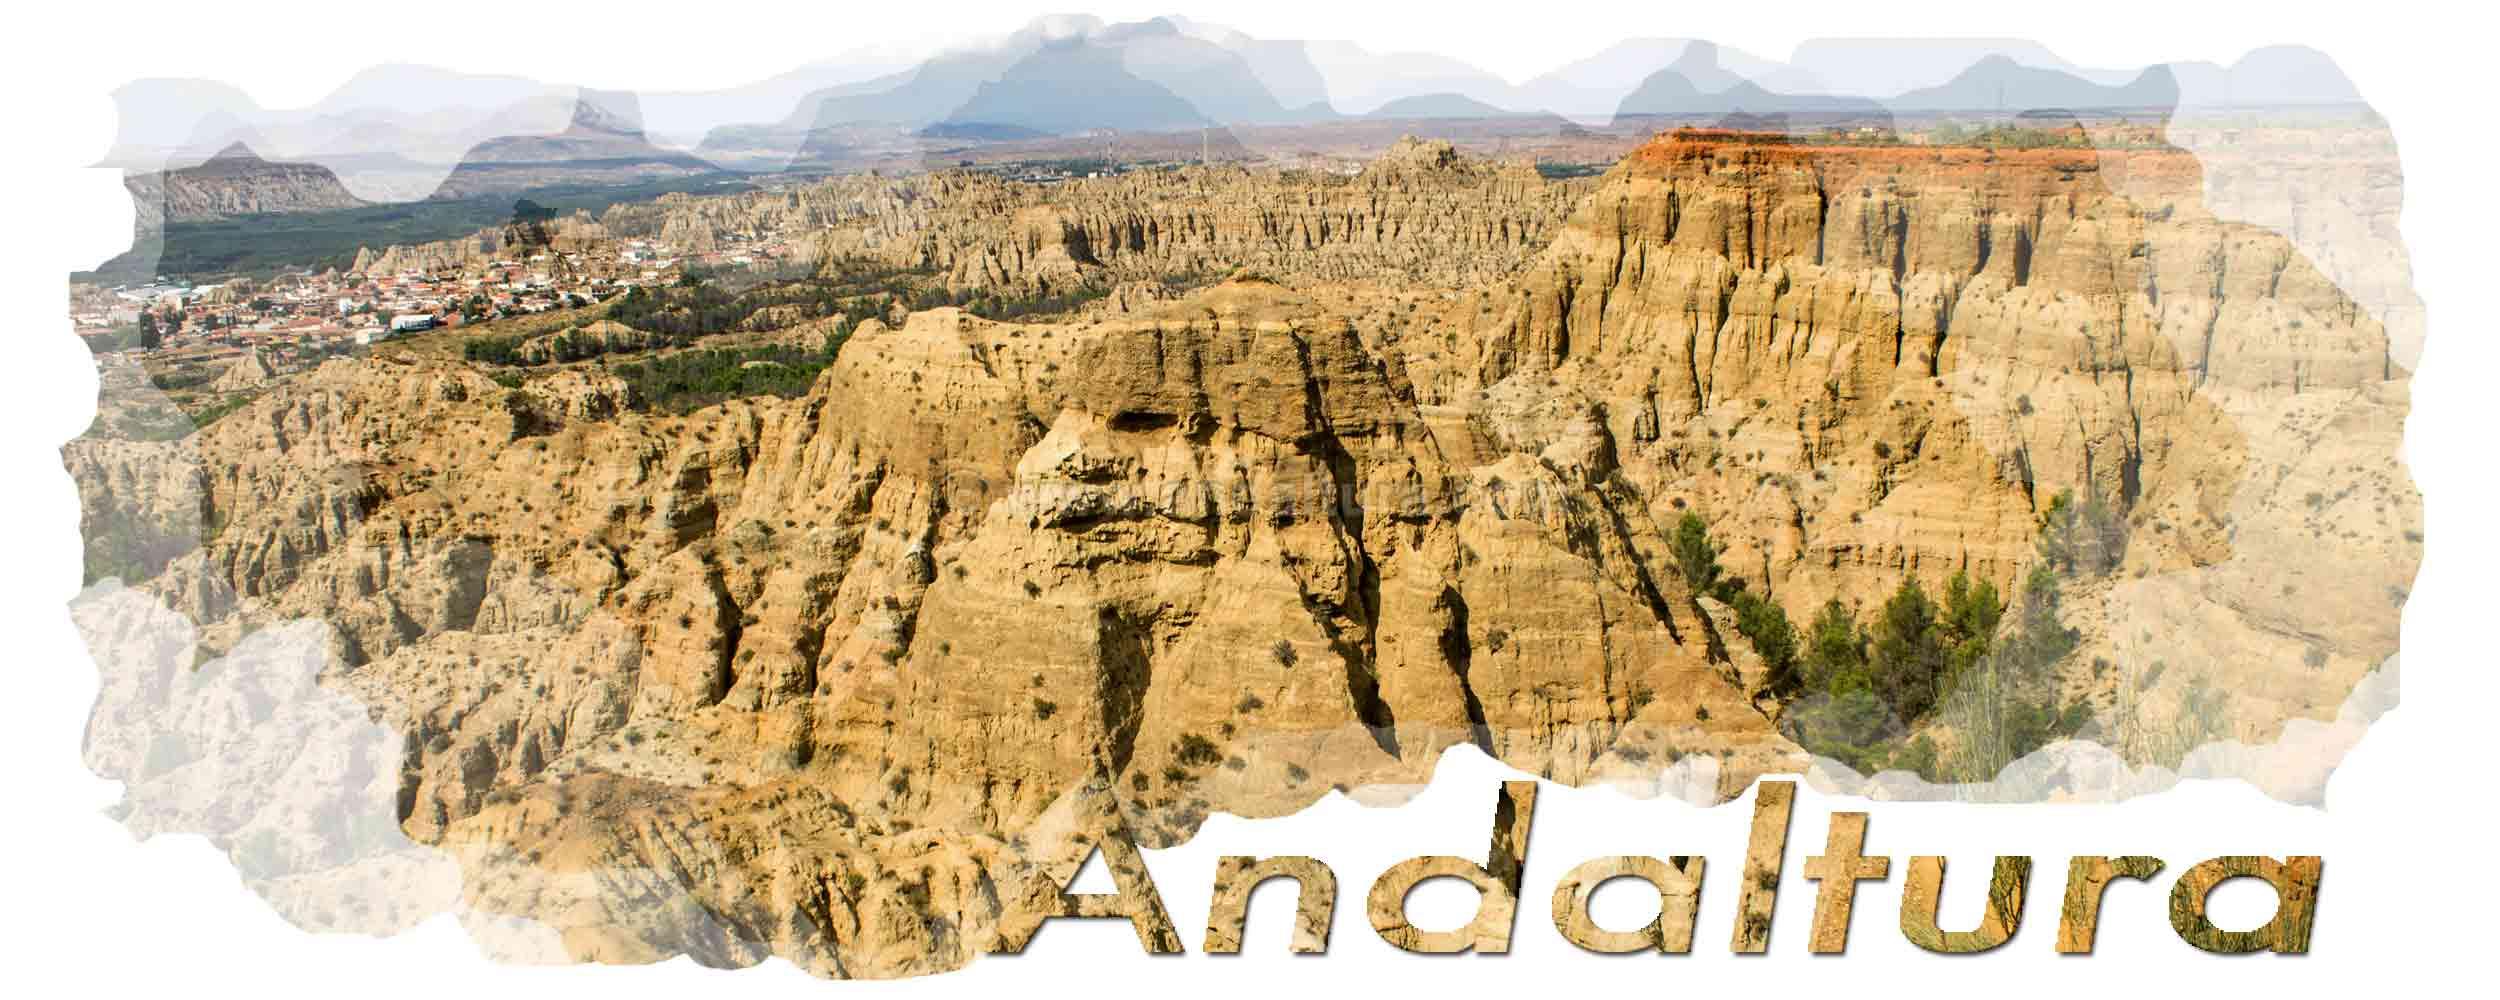 Captura plagio a Andaltura de la Ruta del GR142 de Fondales a Busquístar en wikiloc- Badlands de Purullena